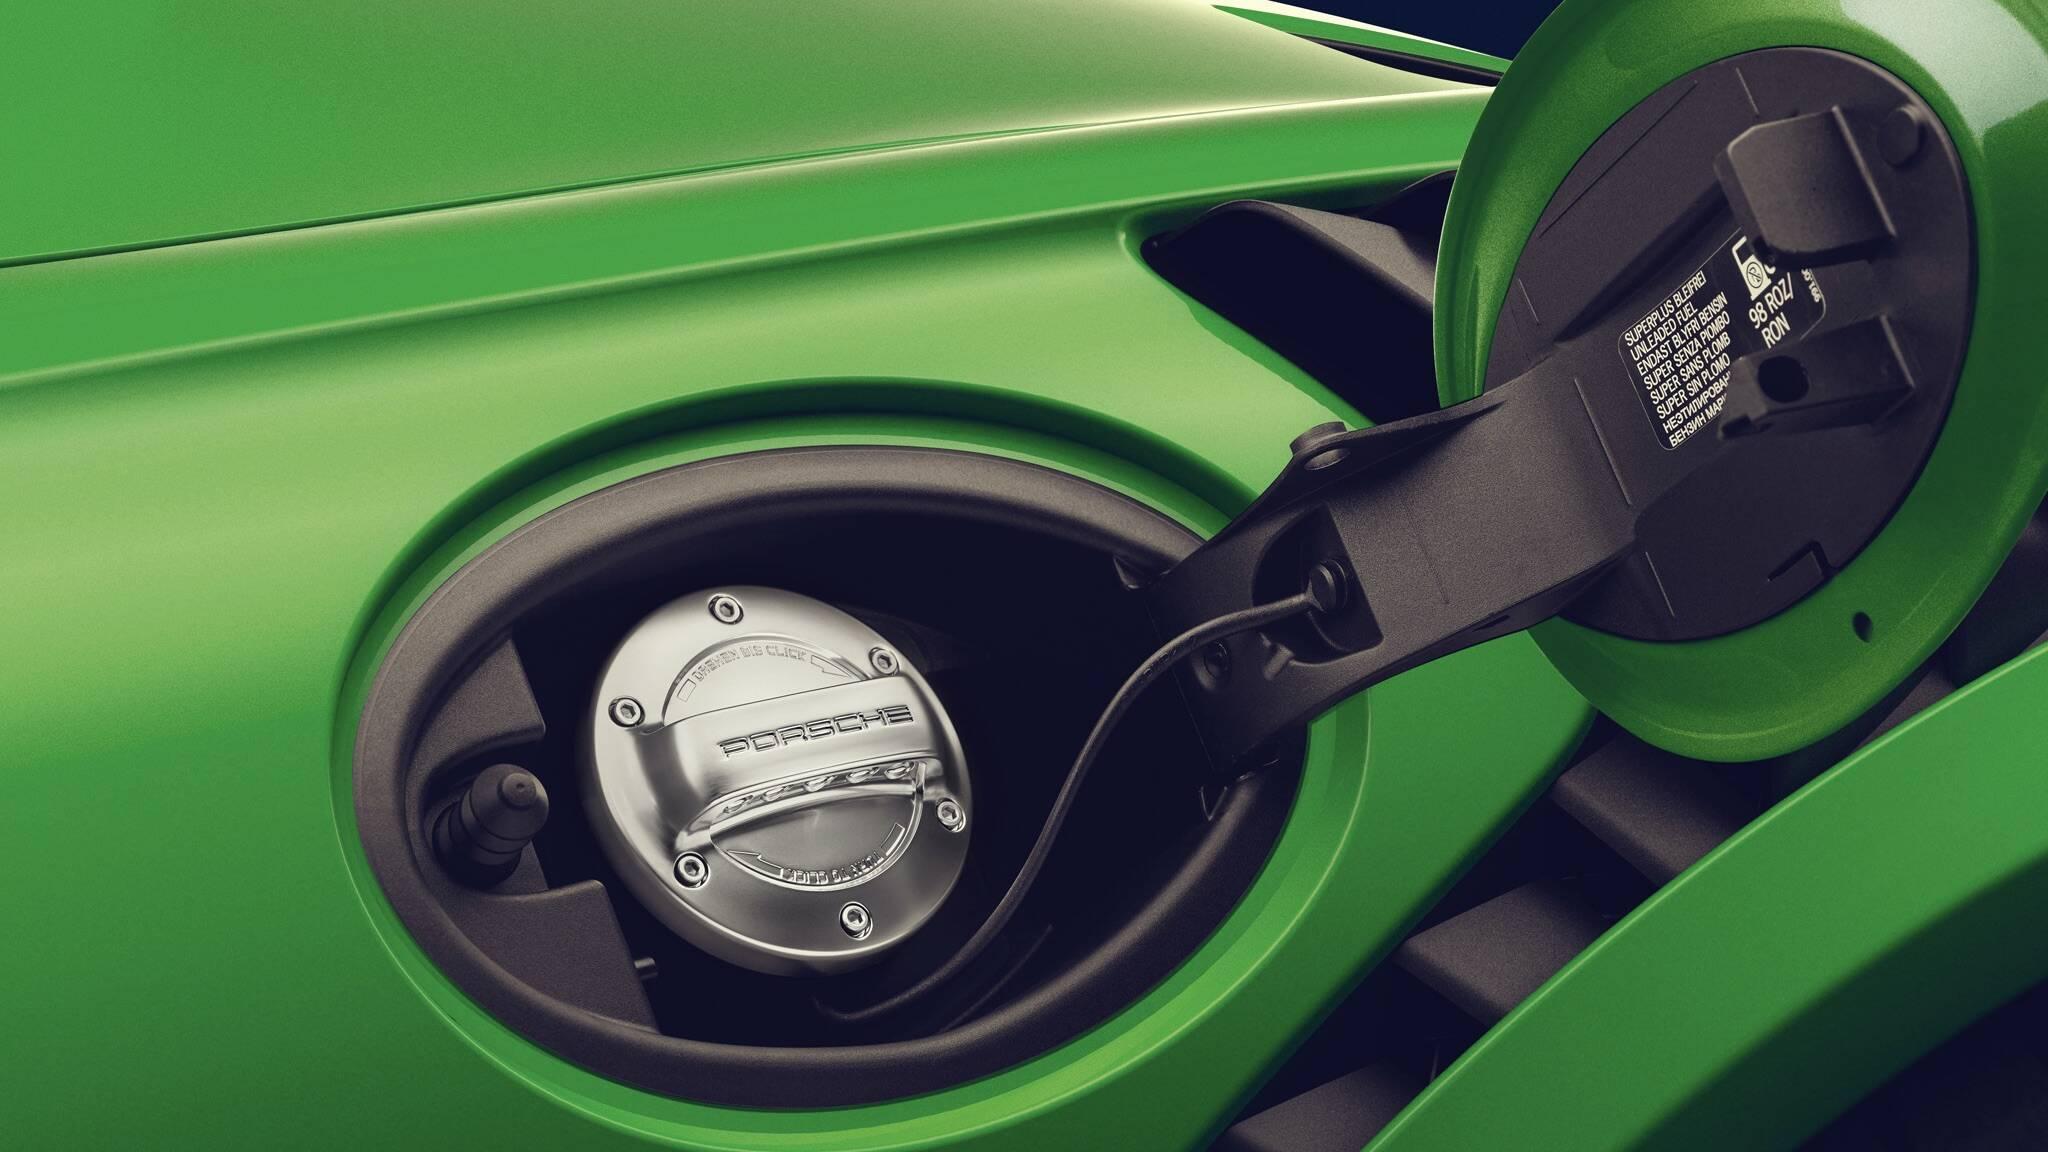 Porsche e Siemens se unem para produzir gasolina sem petróleo